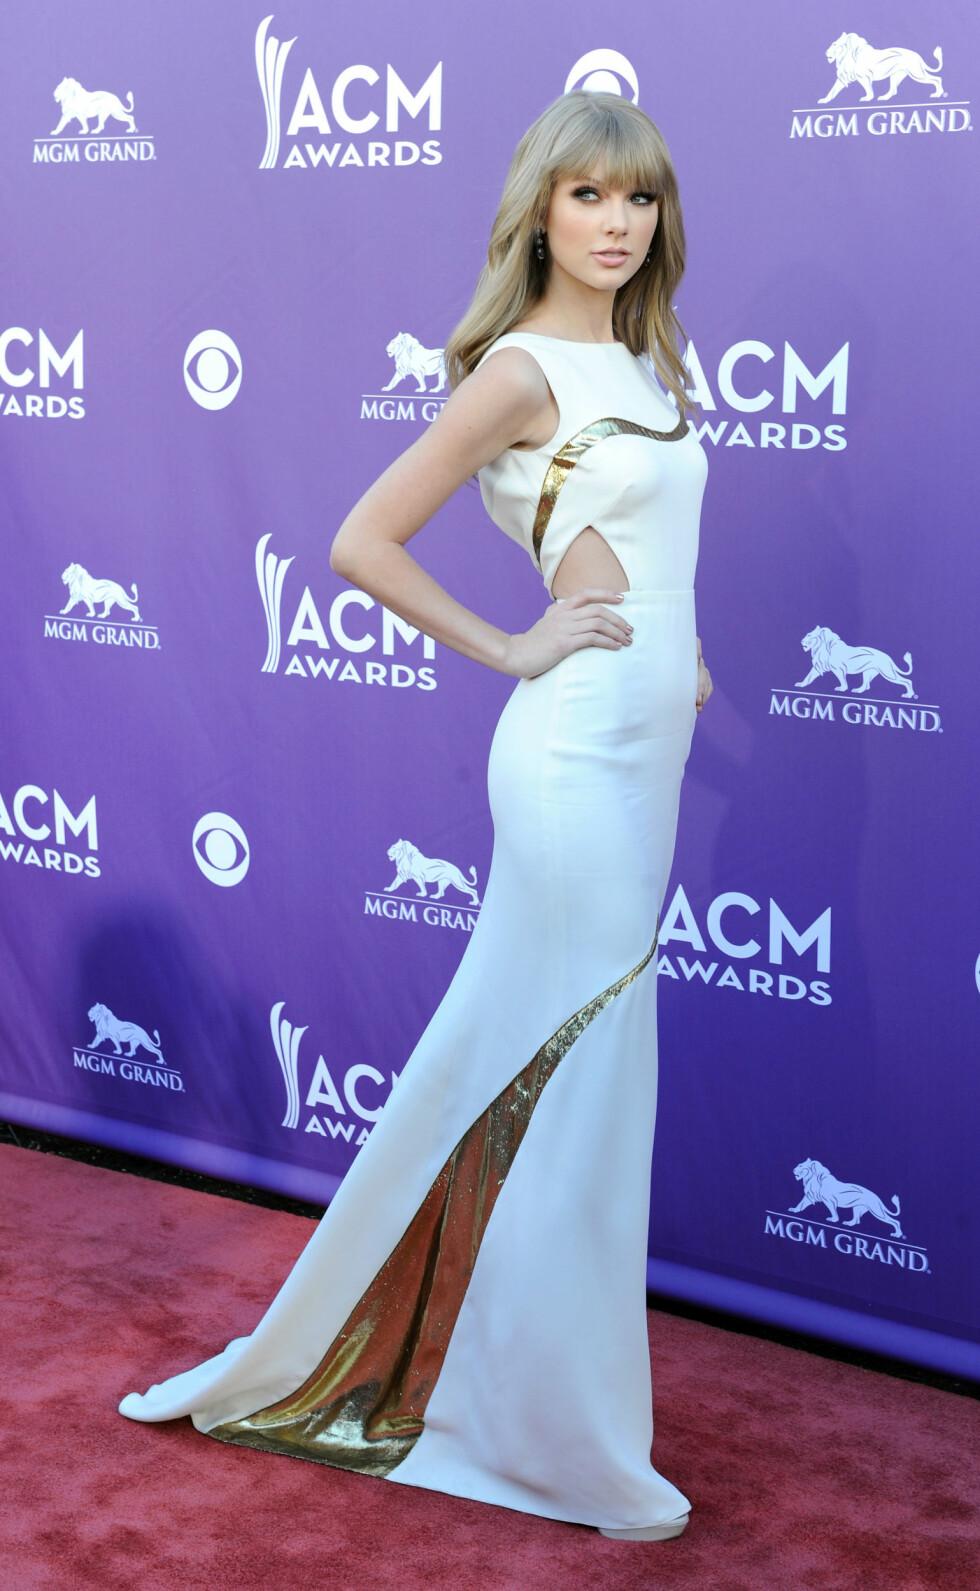 Slik kan det også gjøres. Gullfargen er detaljen som gjør kjolen til artist Taylor Swift mer interessant. Foto: All Over Press